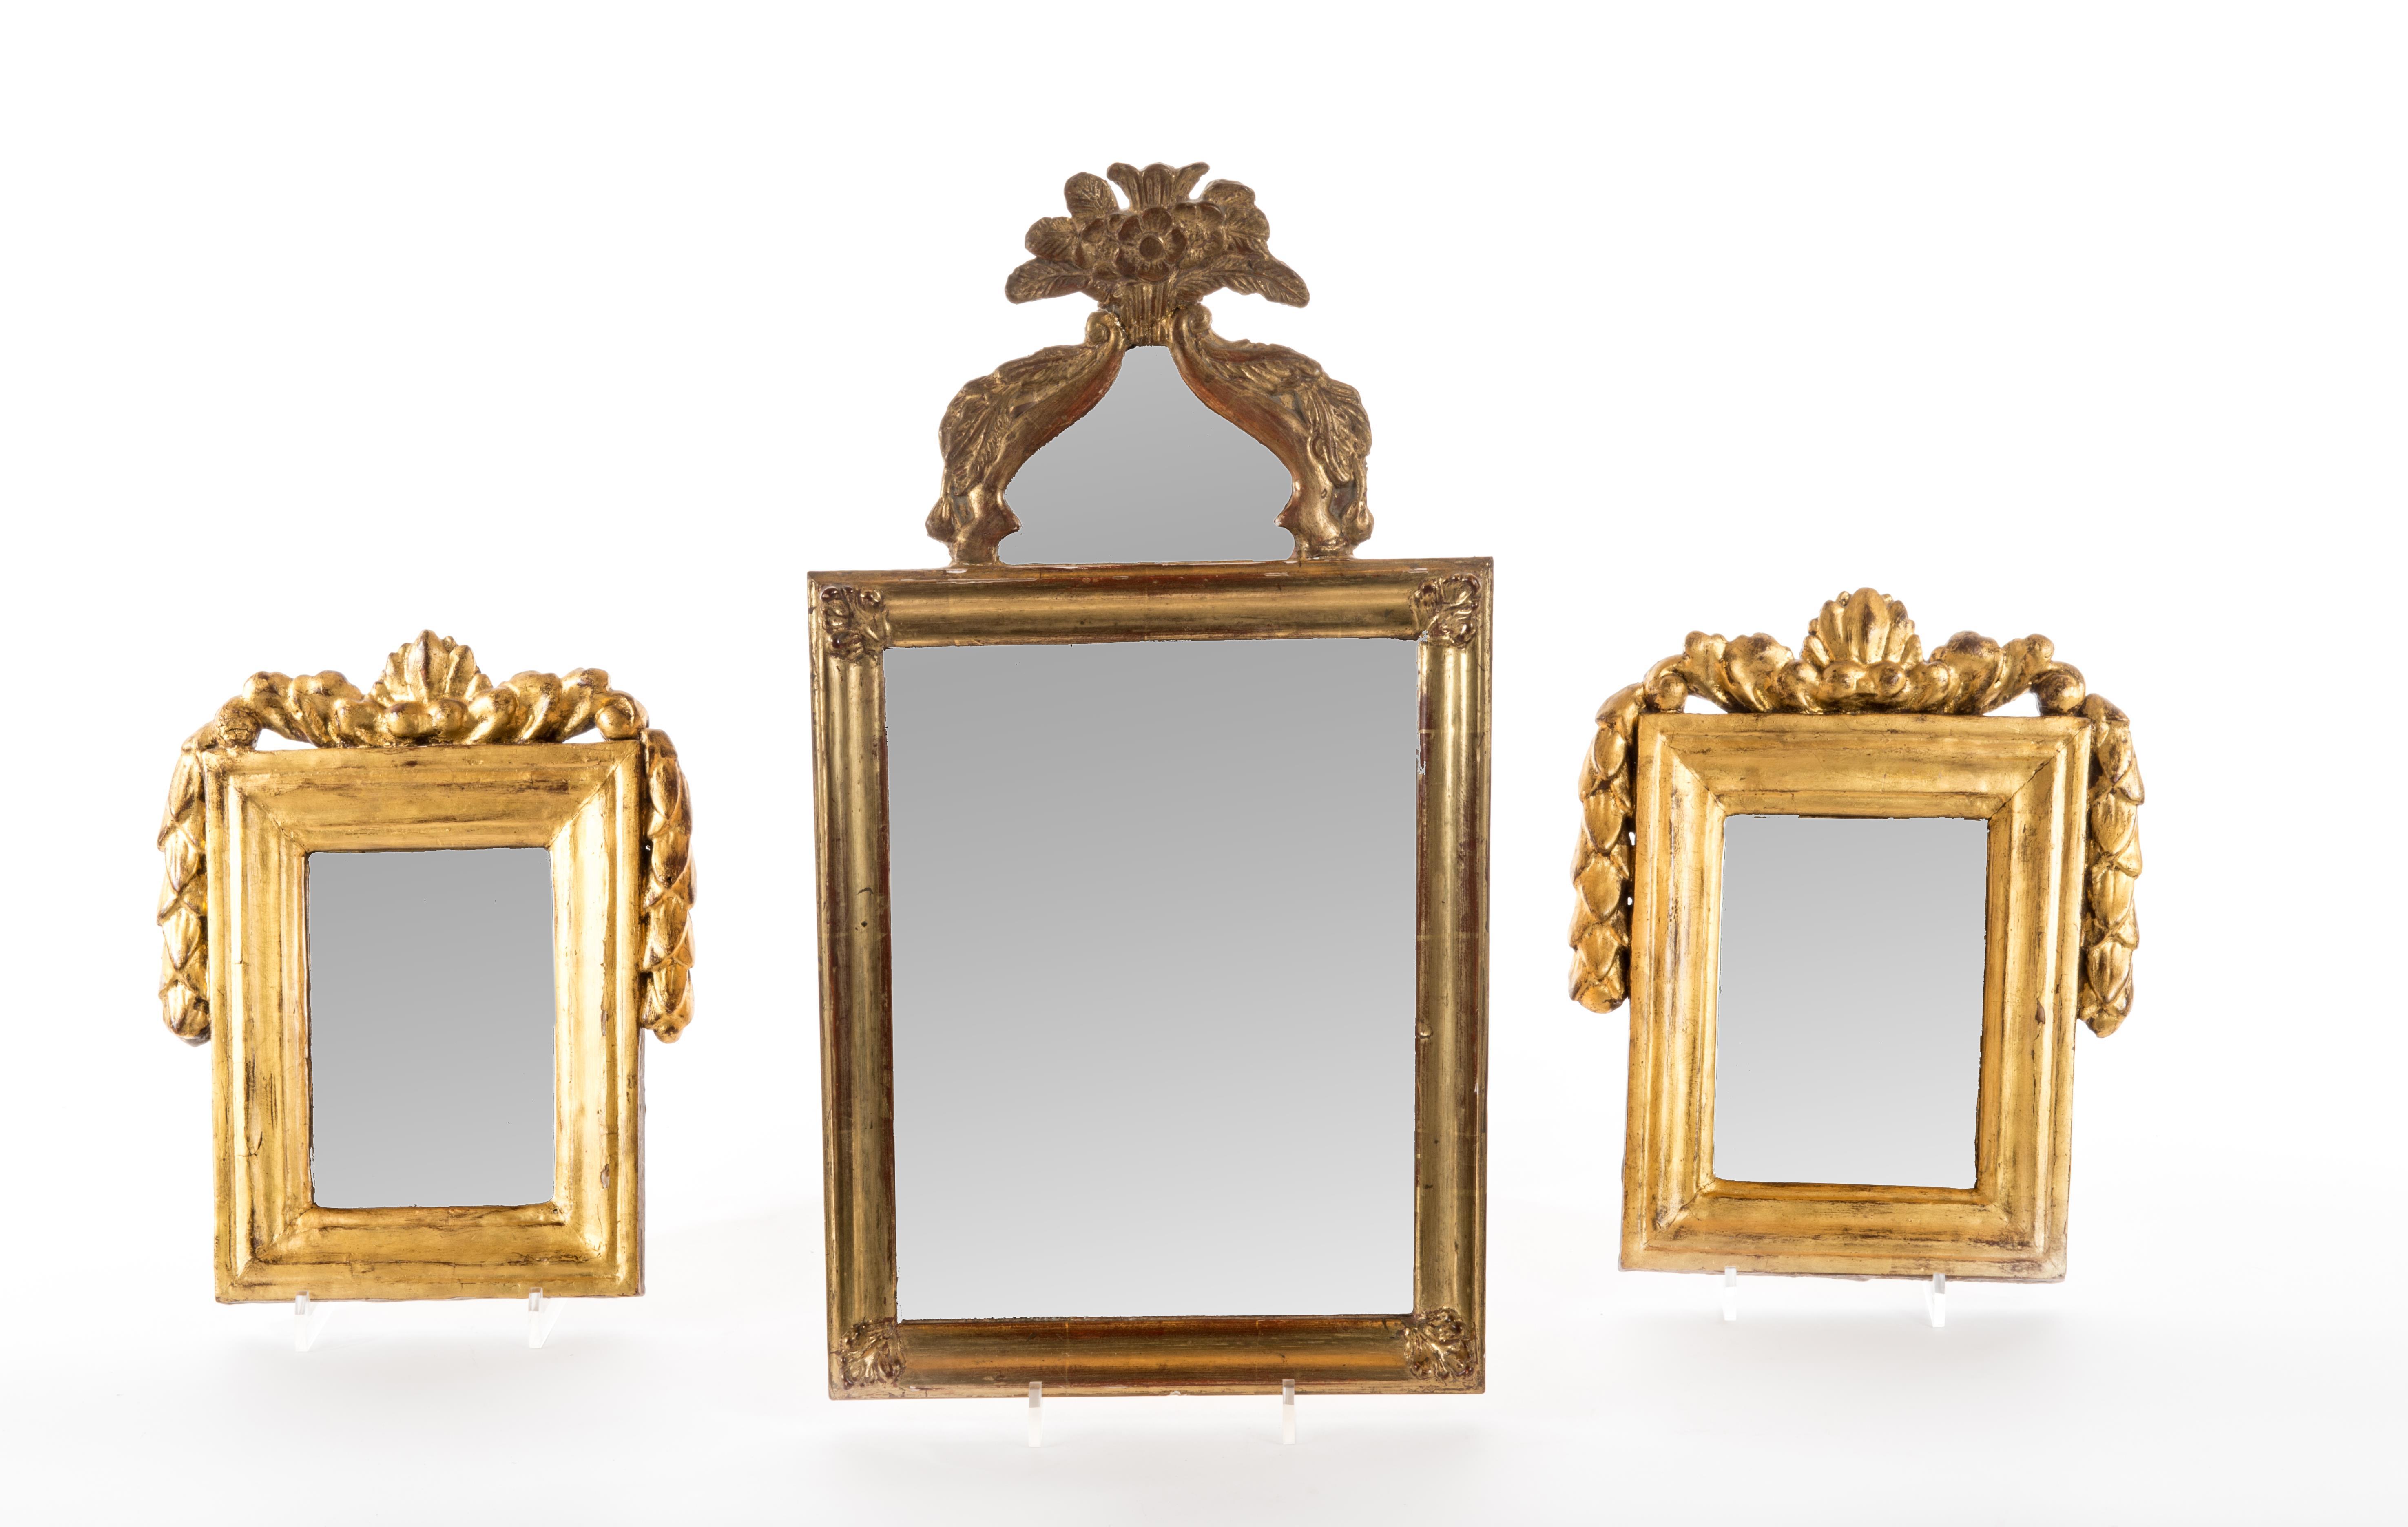 3 miroirs rectanguleires à cadre en bois doré